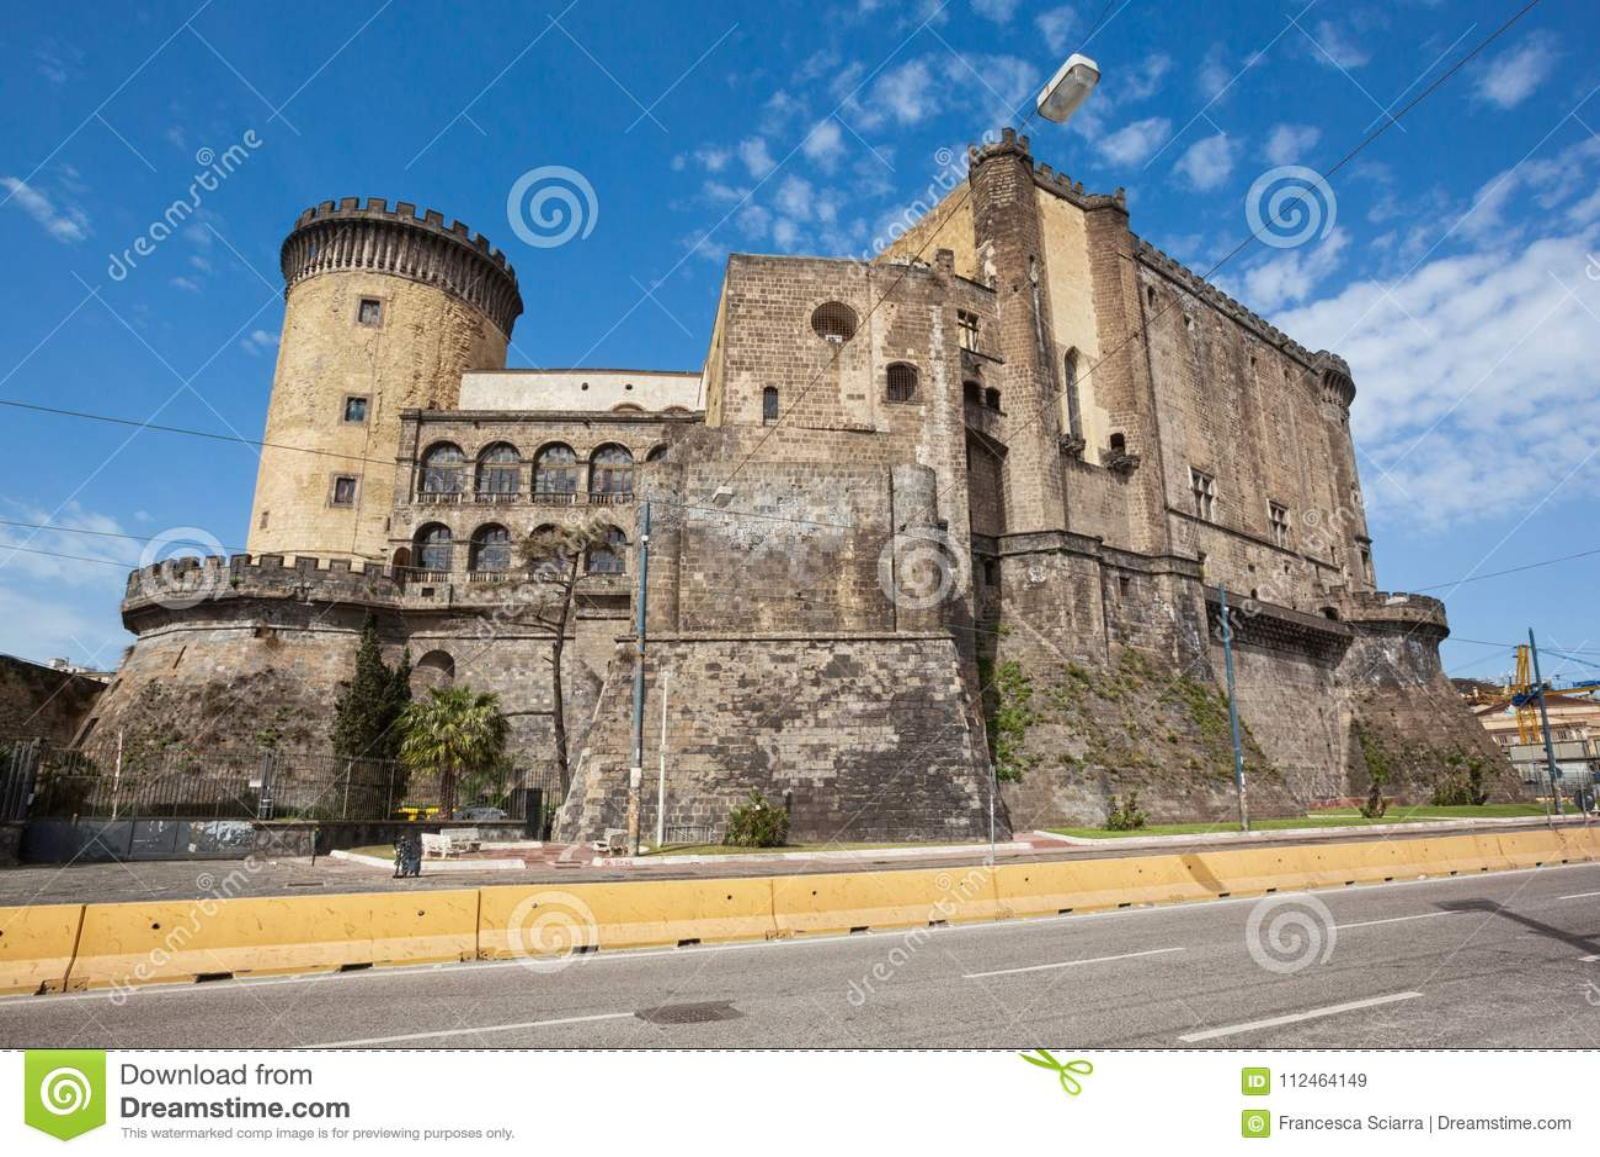 那不勒斯Castel Nuovo Maschio Angioino